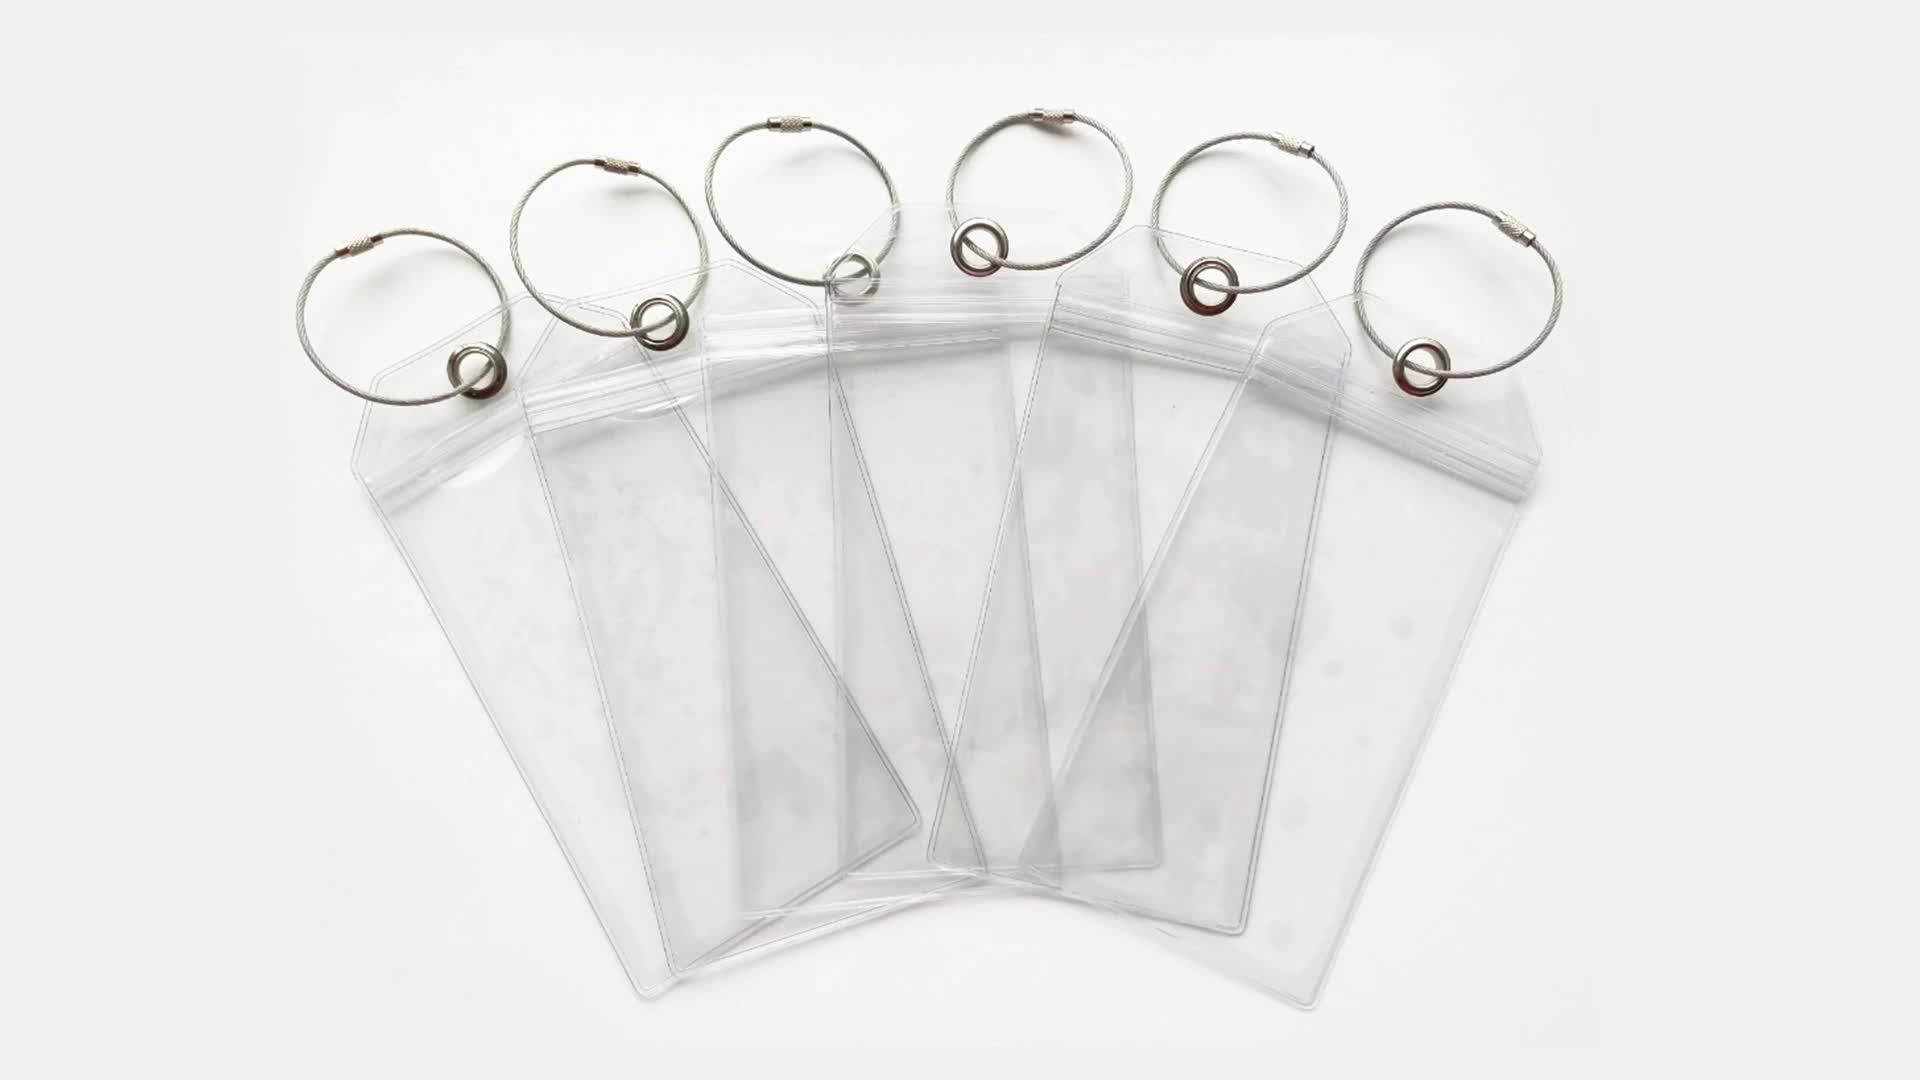 Groothandel clear PVC bagage tas tags aangepaste plastic cruise tag met papier protector zip seal en staal loops